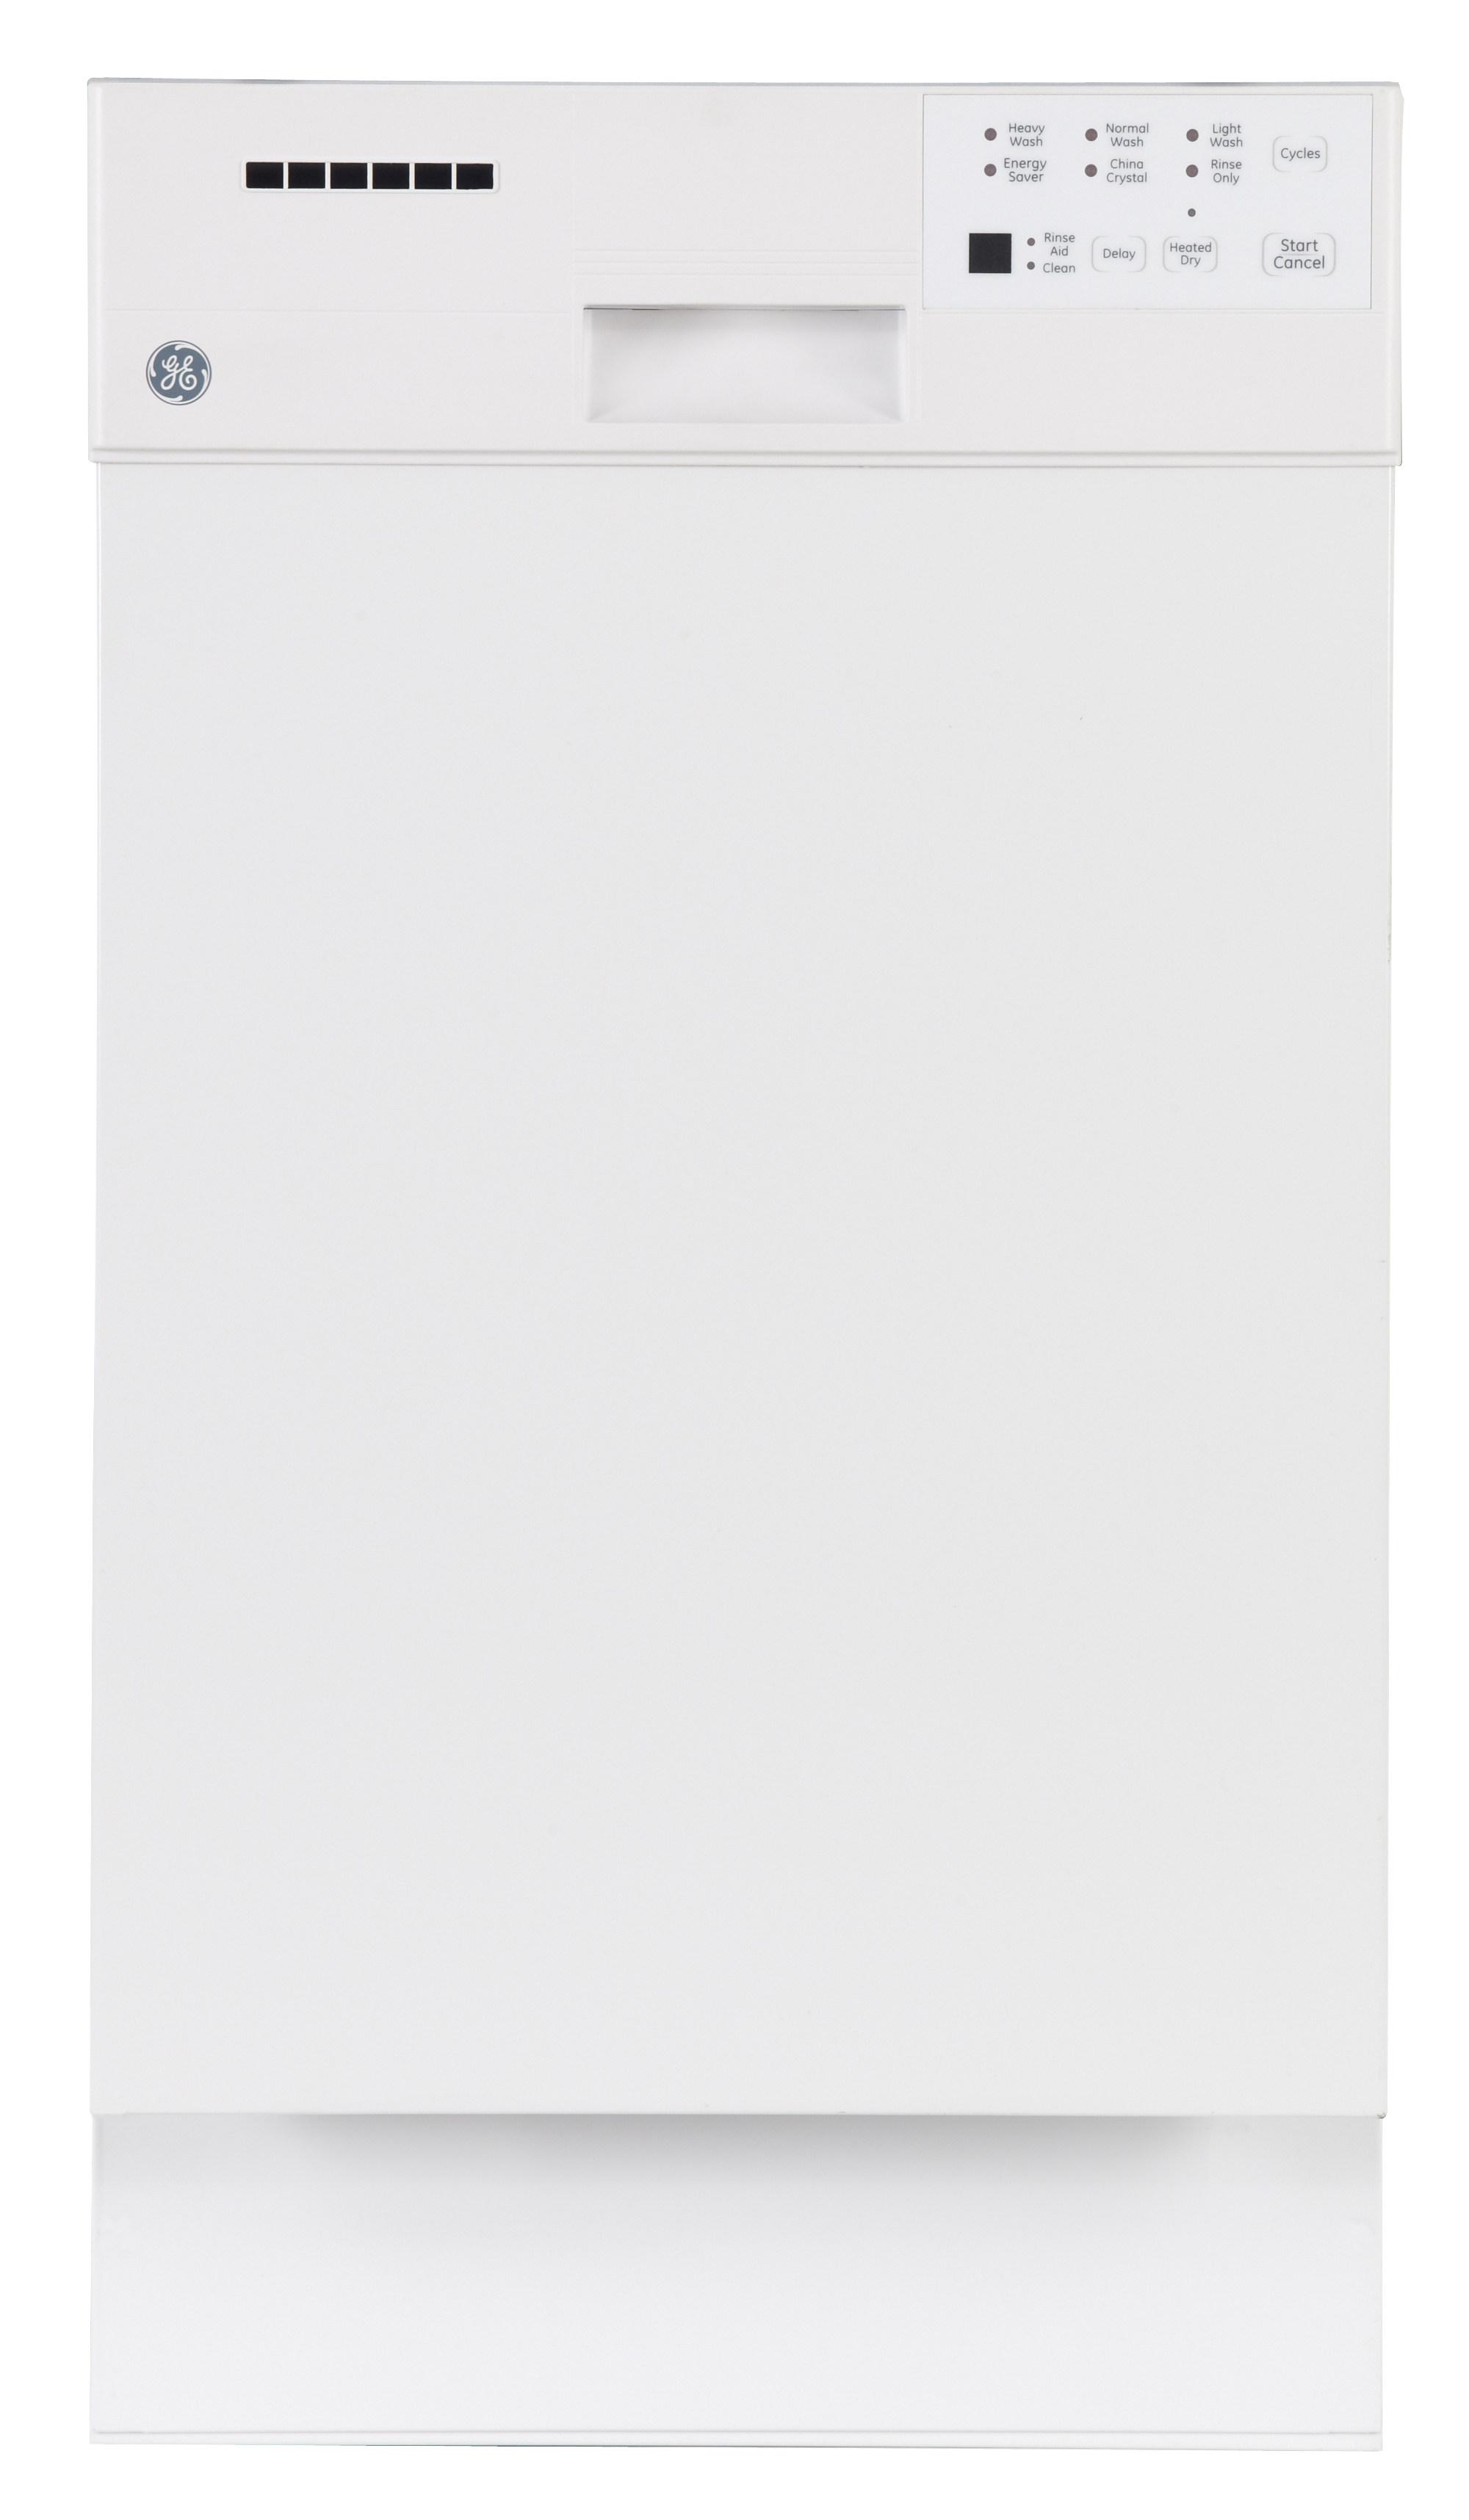 17572 – Dishwasher – GSM1800VWW-Final